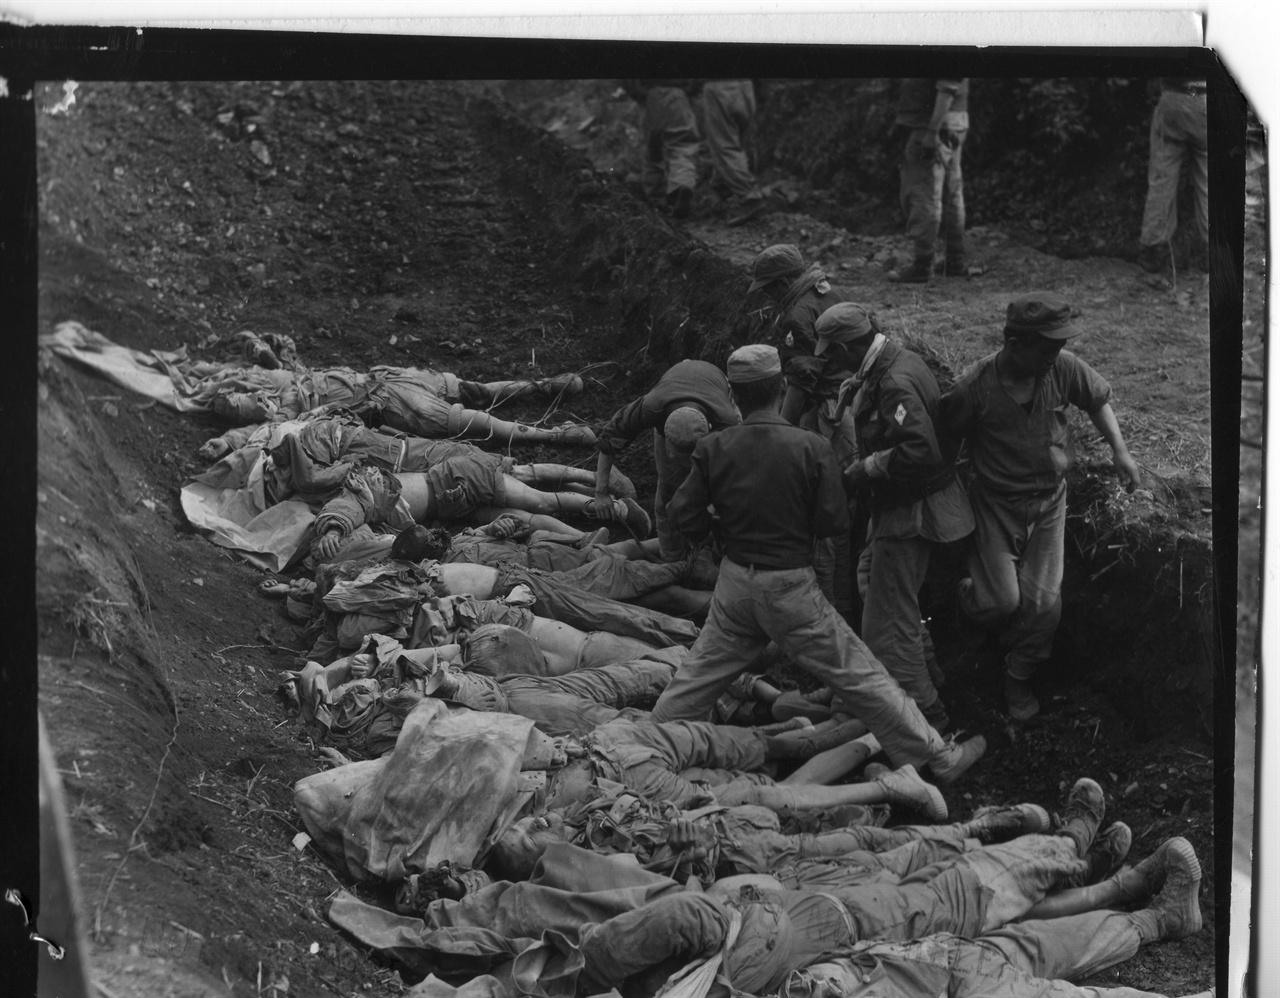 1951. 5. 24. 중국군 시신을 매장하고자 가지런히 눕히고 있다.